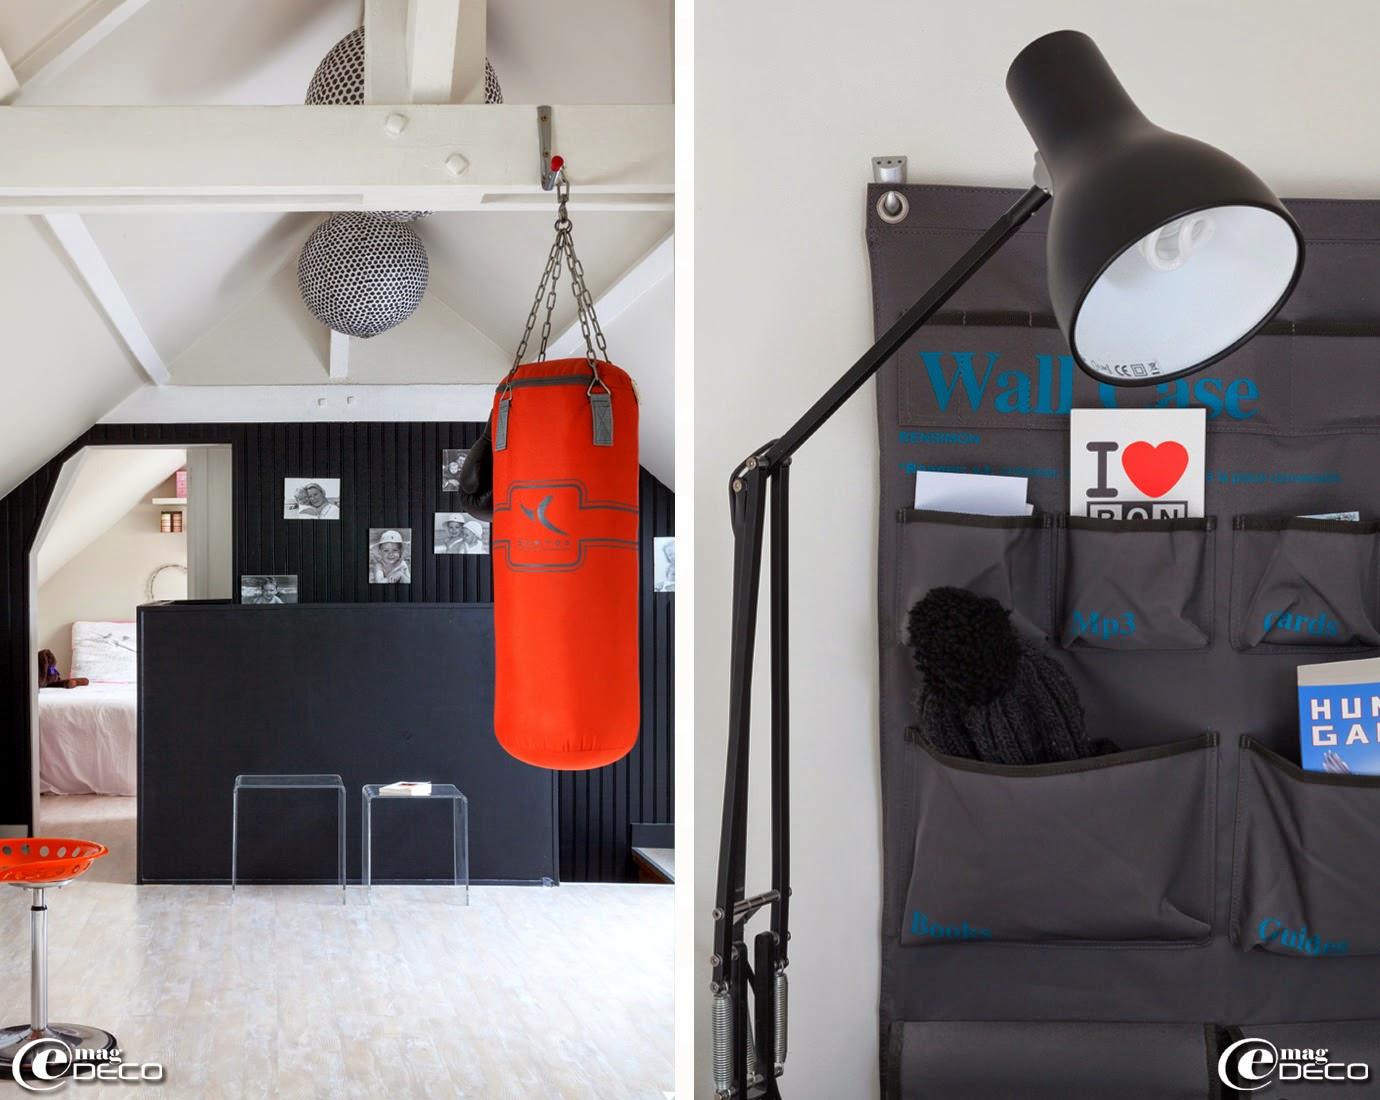 Tables gigognes en plexiglas 'Habitat', suspensions à poids 'Collection Paola Navone pour Monoprix', lampe d'architecte 'Anglepoise' et détail du vide-poche 'Wall Case' de 'Bensimon'